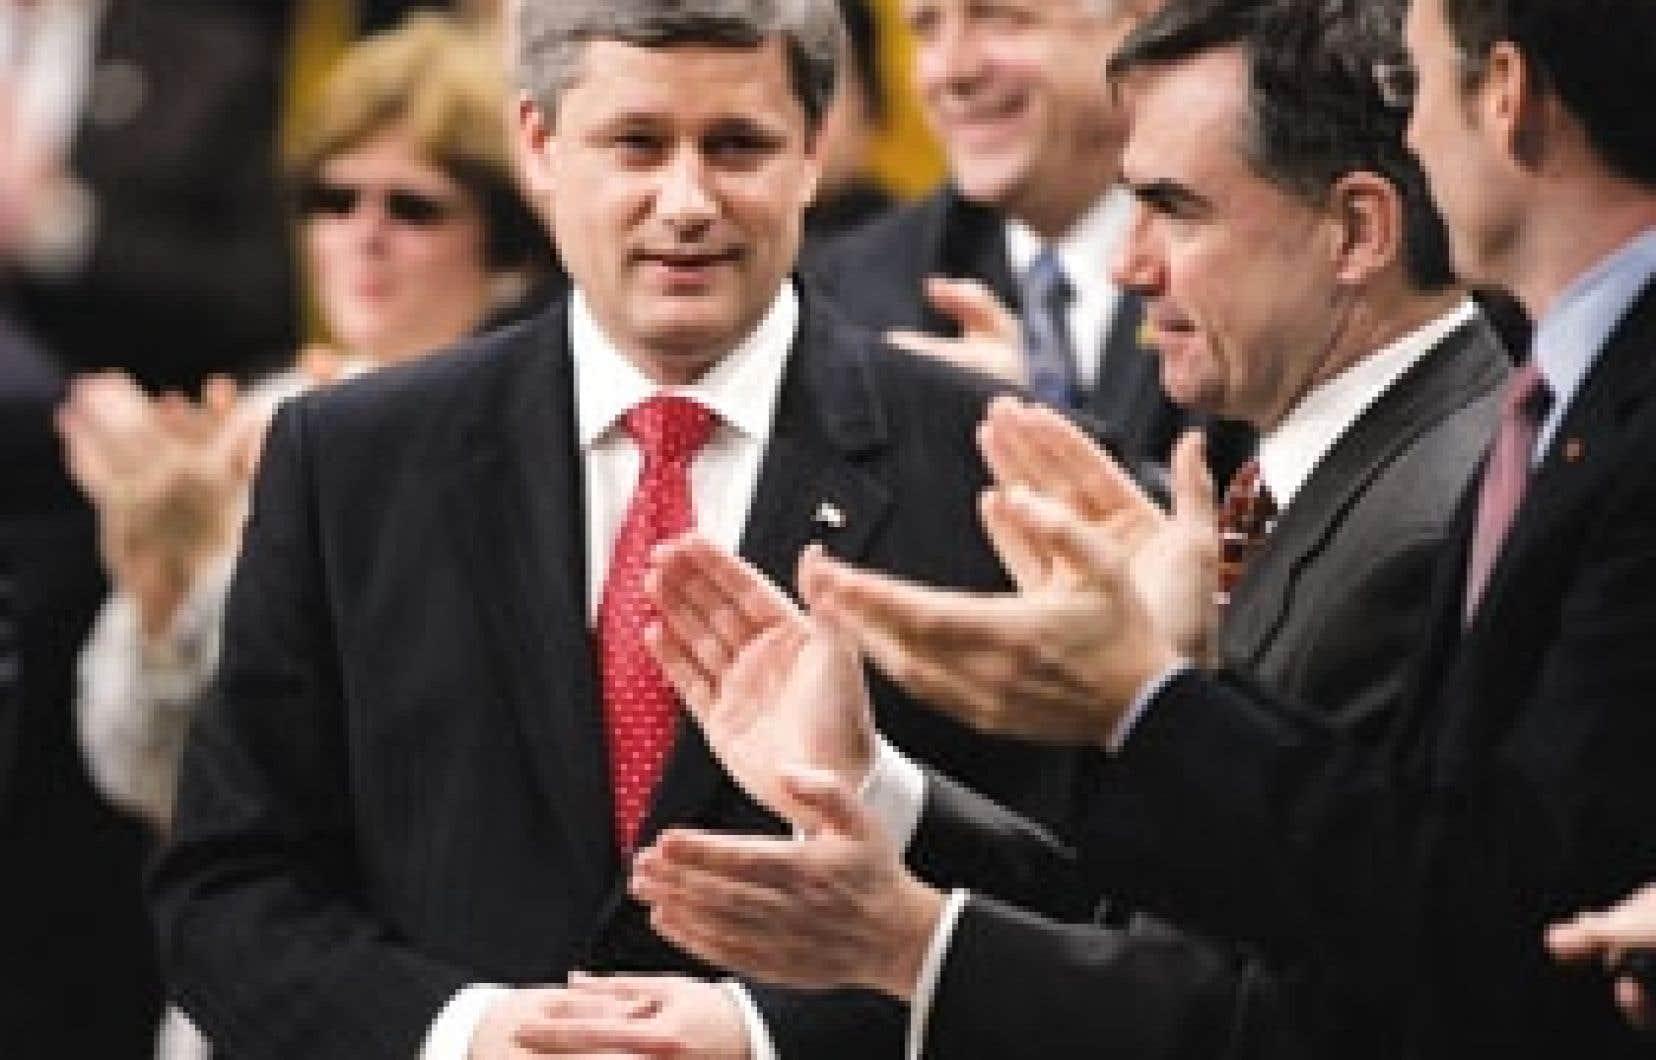 Le premier ministre Stephen Harper a été applaudi cette semaine par ses ministres, à la fin de la session parlementaire.